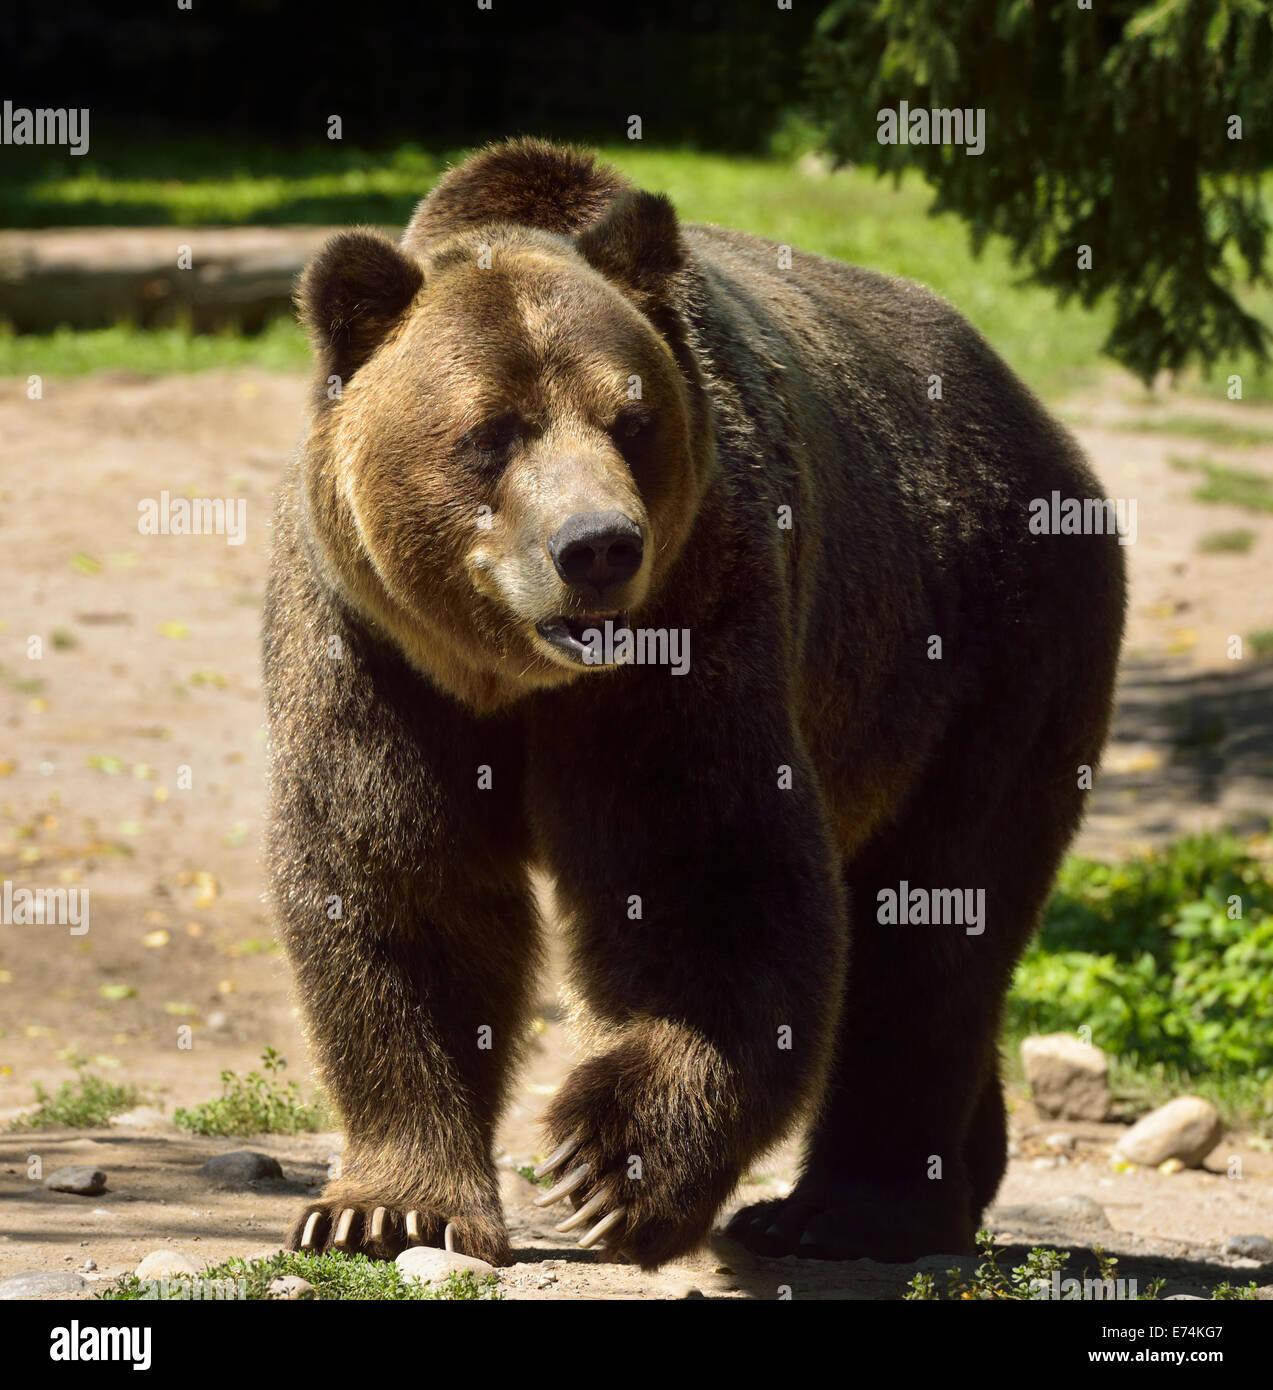 Continental madura Grizzly Bear subespecies de oso pardo caminando en el camino en el Zoo de Toronto. Imagen De Stock